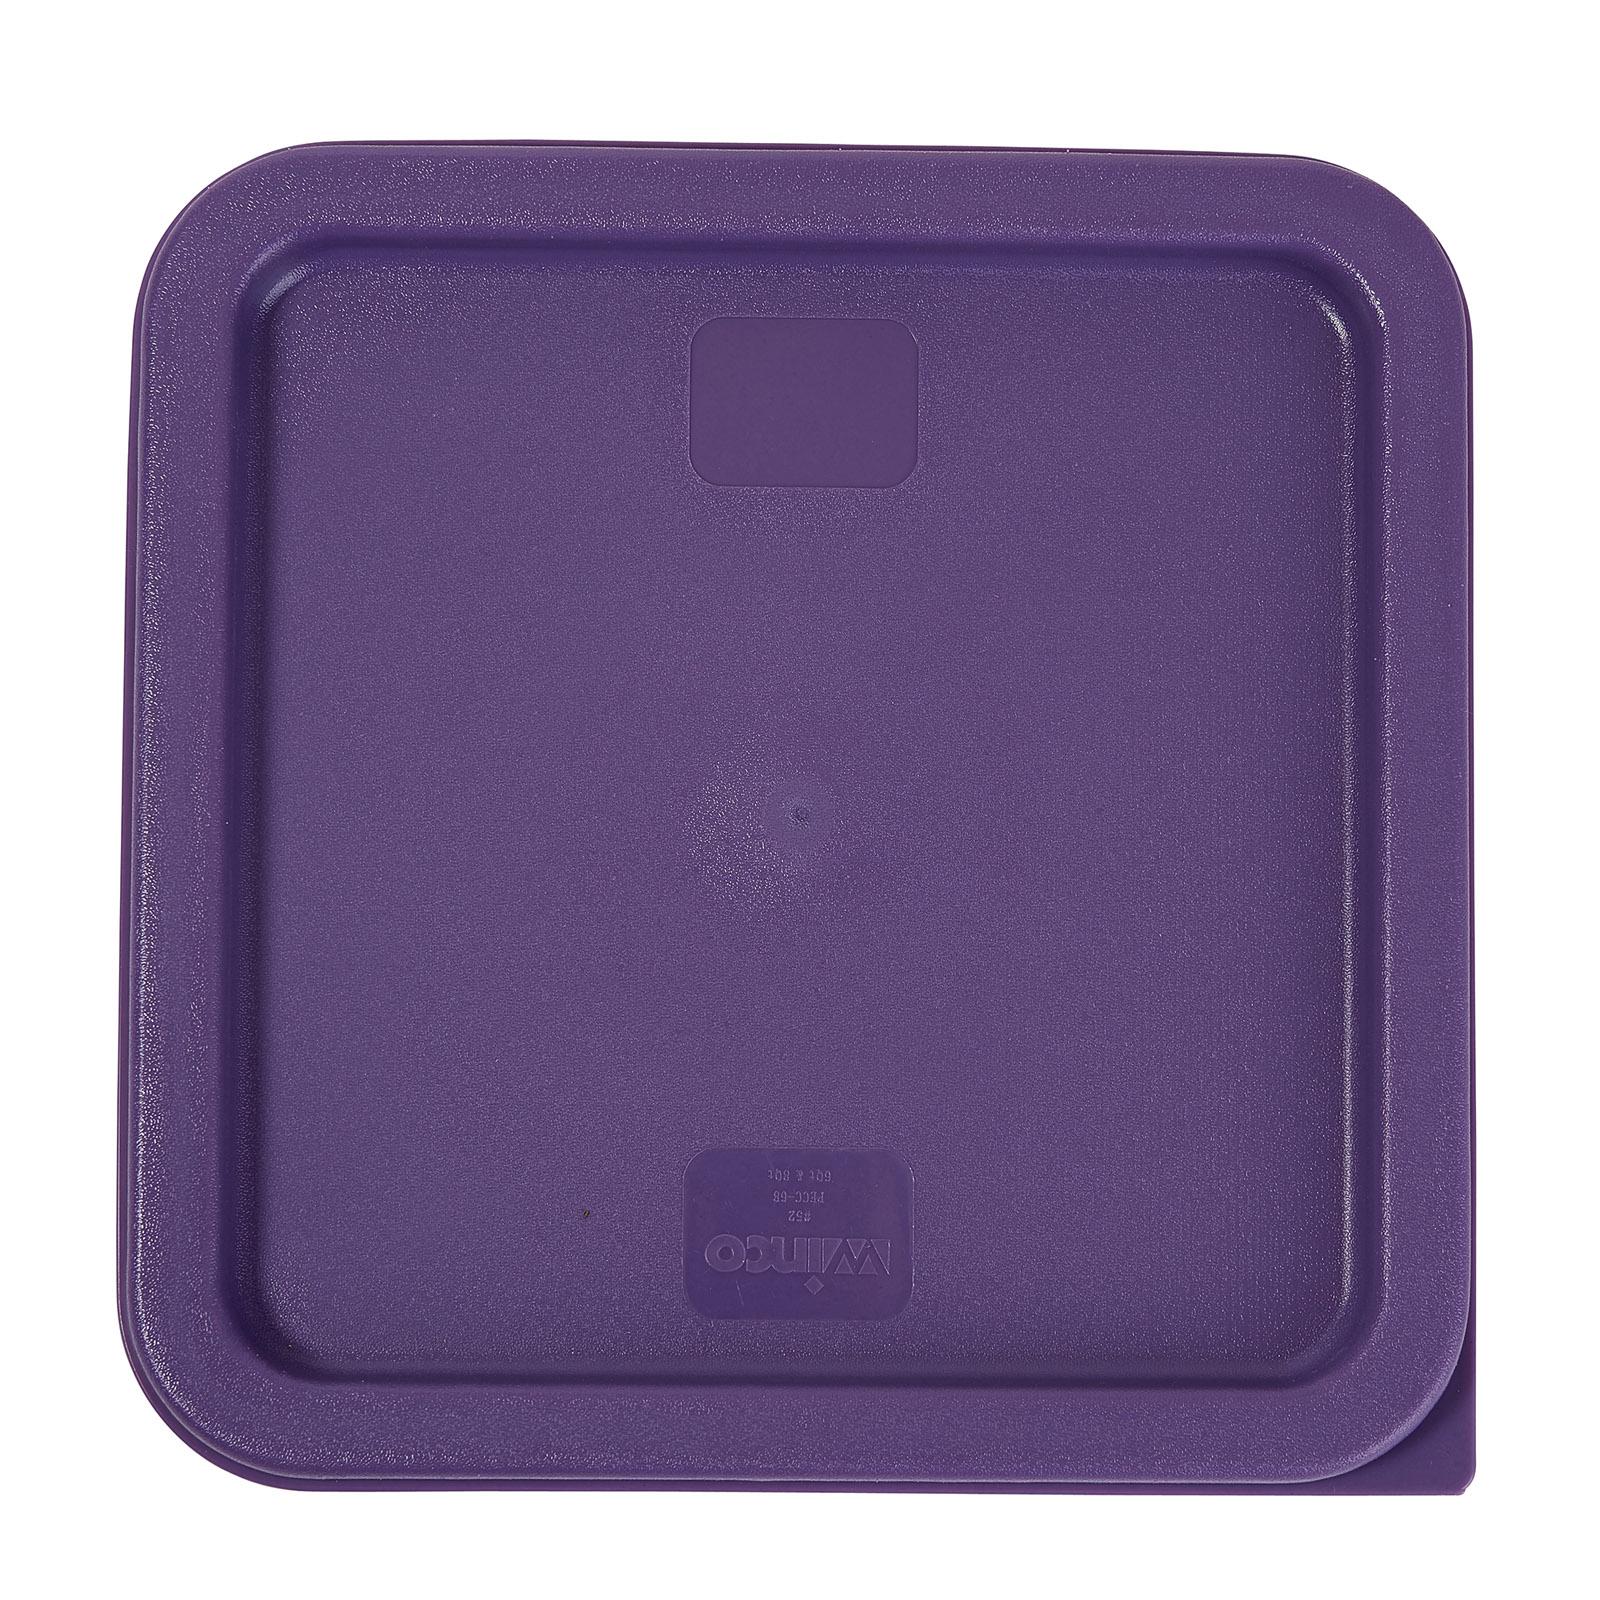 Winco PECC-68P food storage container cover